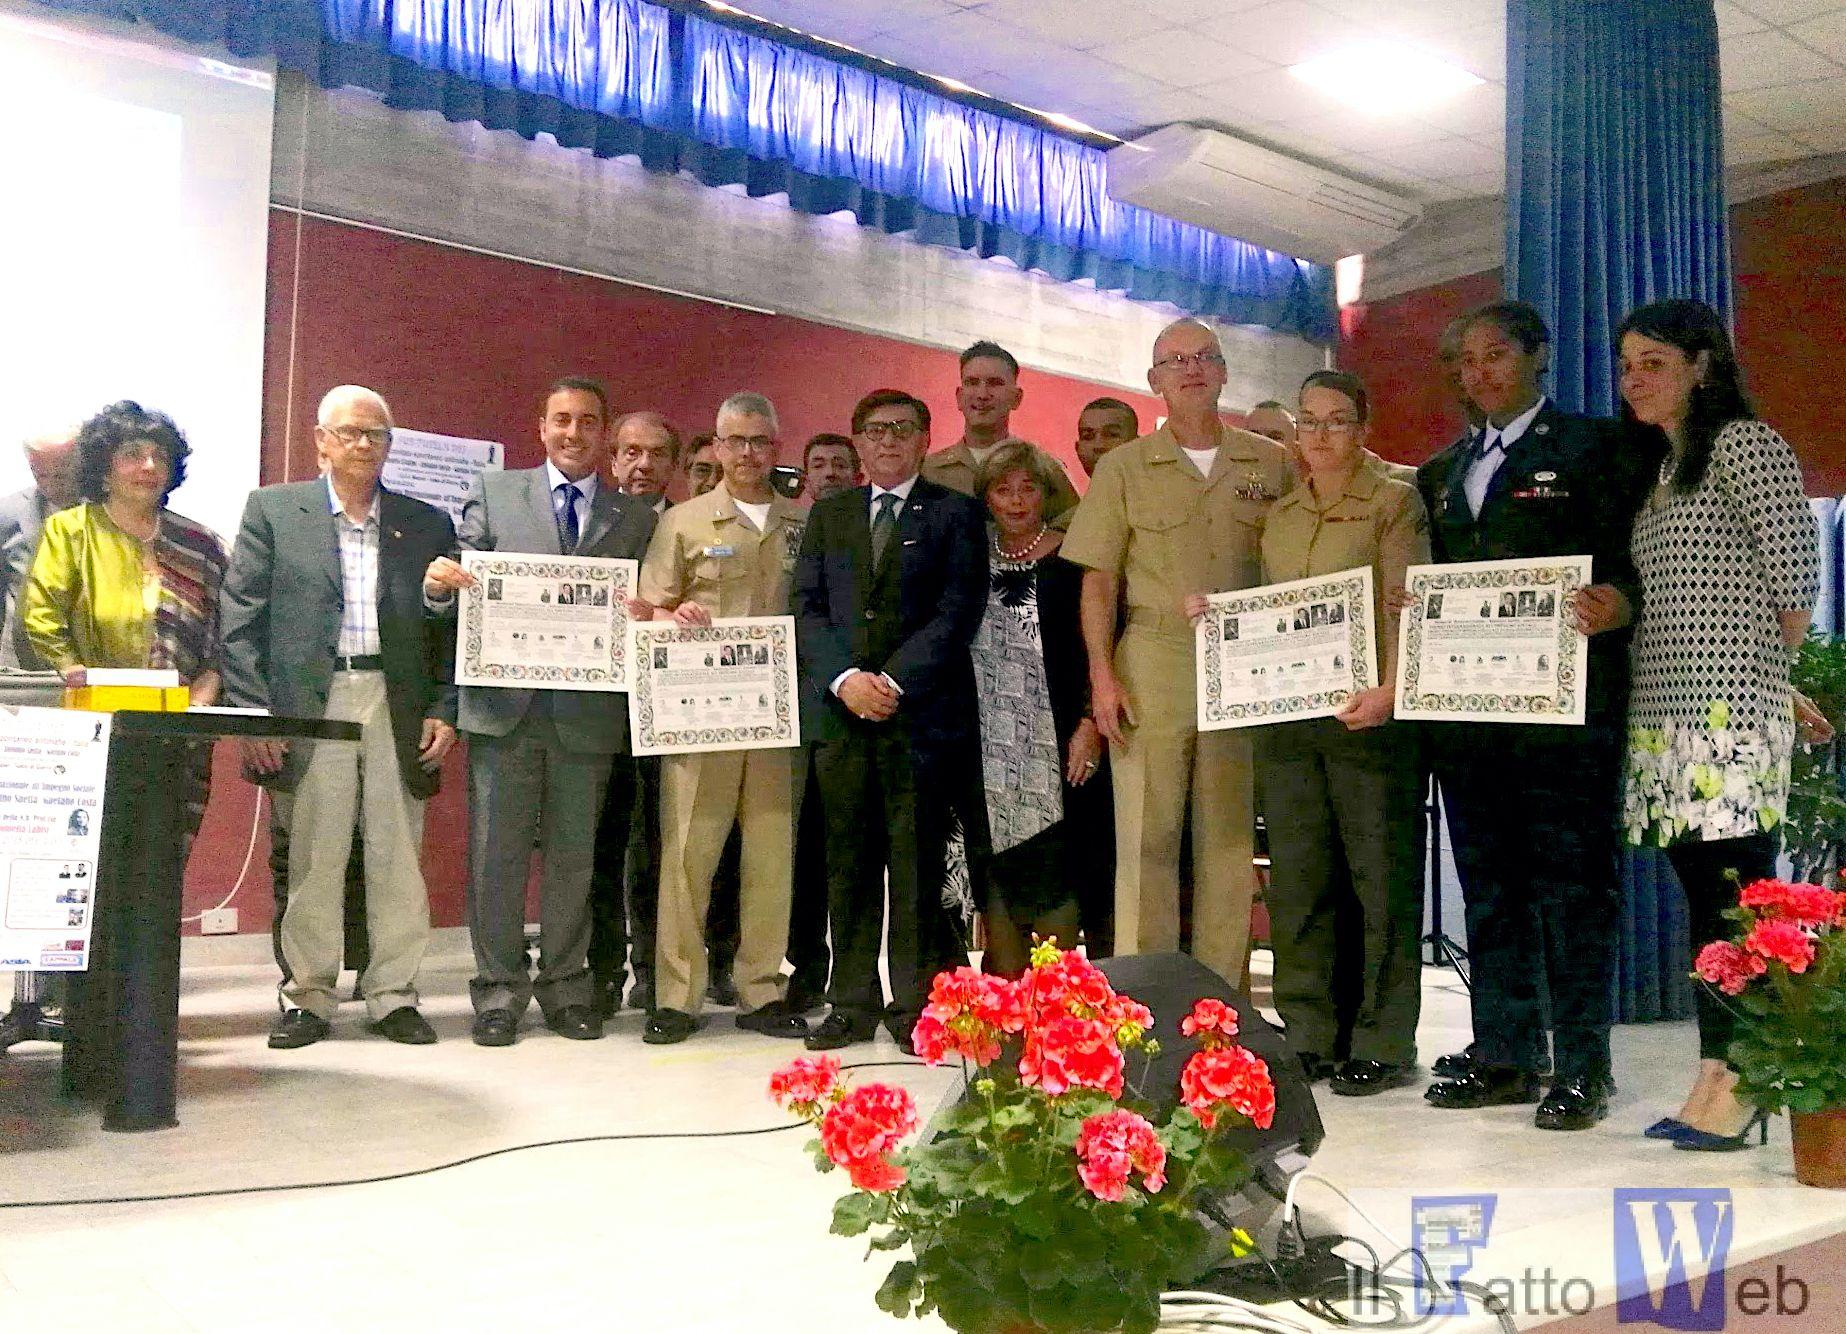 Militari americani di Sigonella ricevono il Premio Livatino-Saetta per il volontariato civico